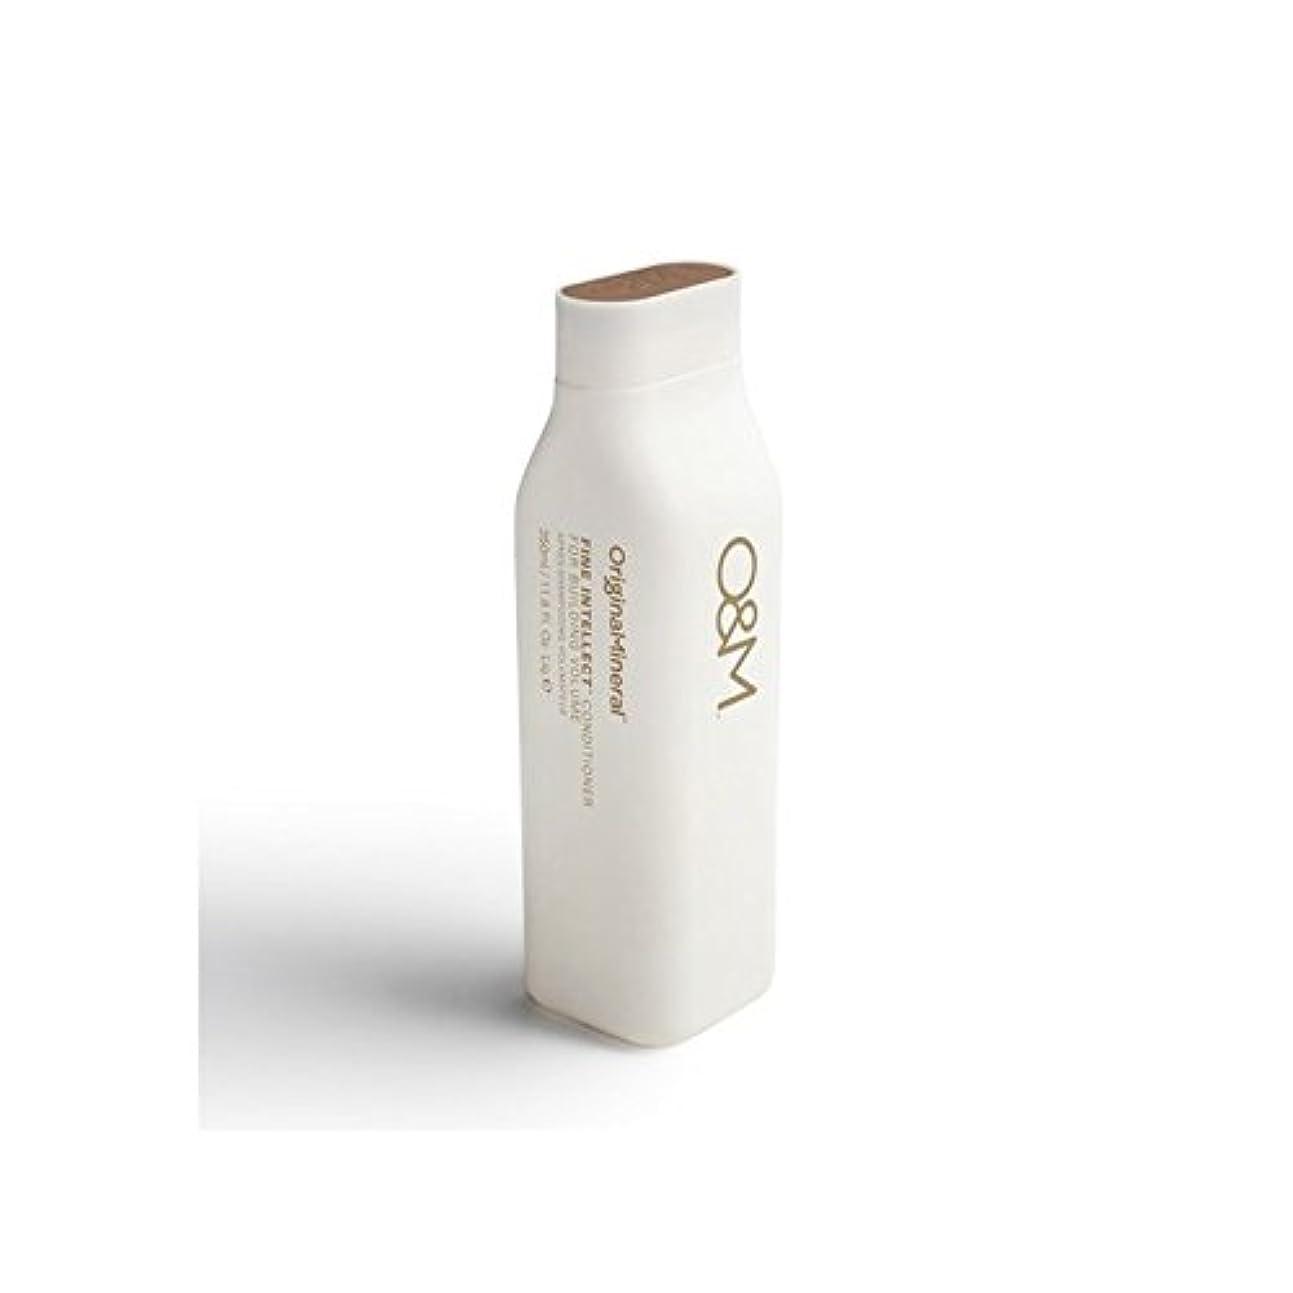 つらい盲信三Original & Mineral Fine Intellect Conditioner (350ml) - オリジナル&ミネラル細かい知性コンディショナー(350ミリリットル) [並行輸入品]